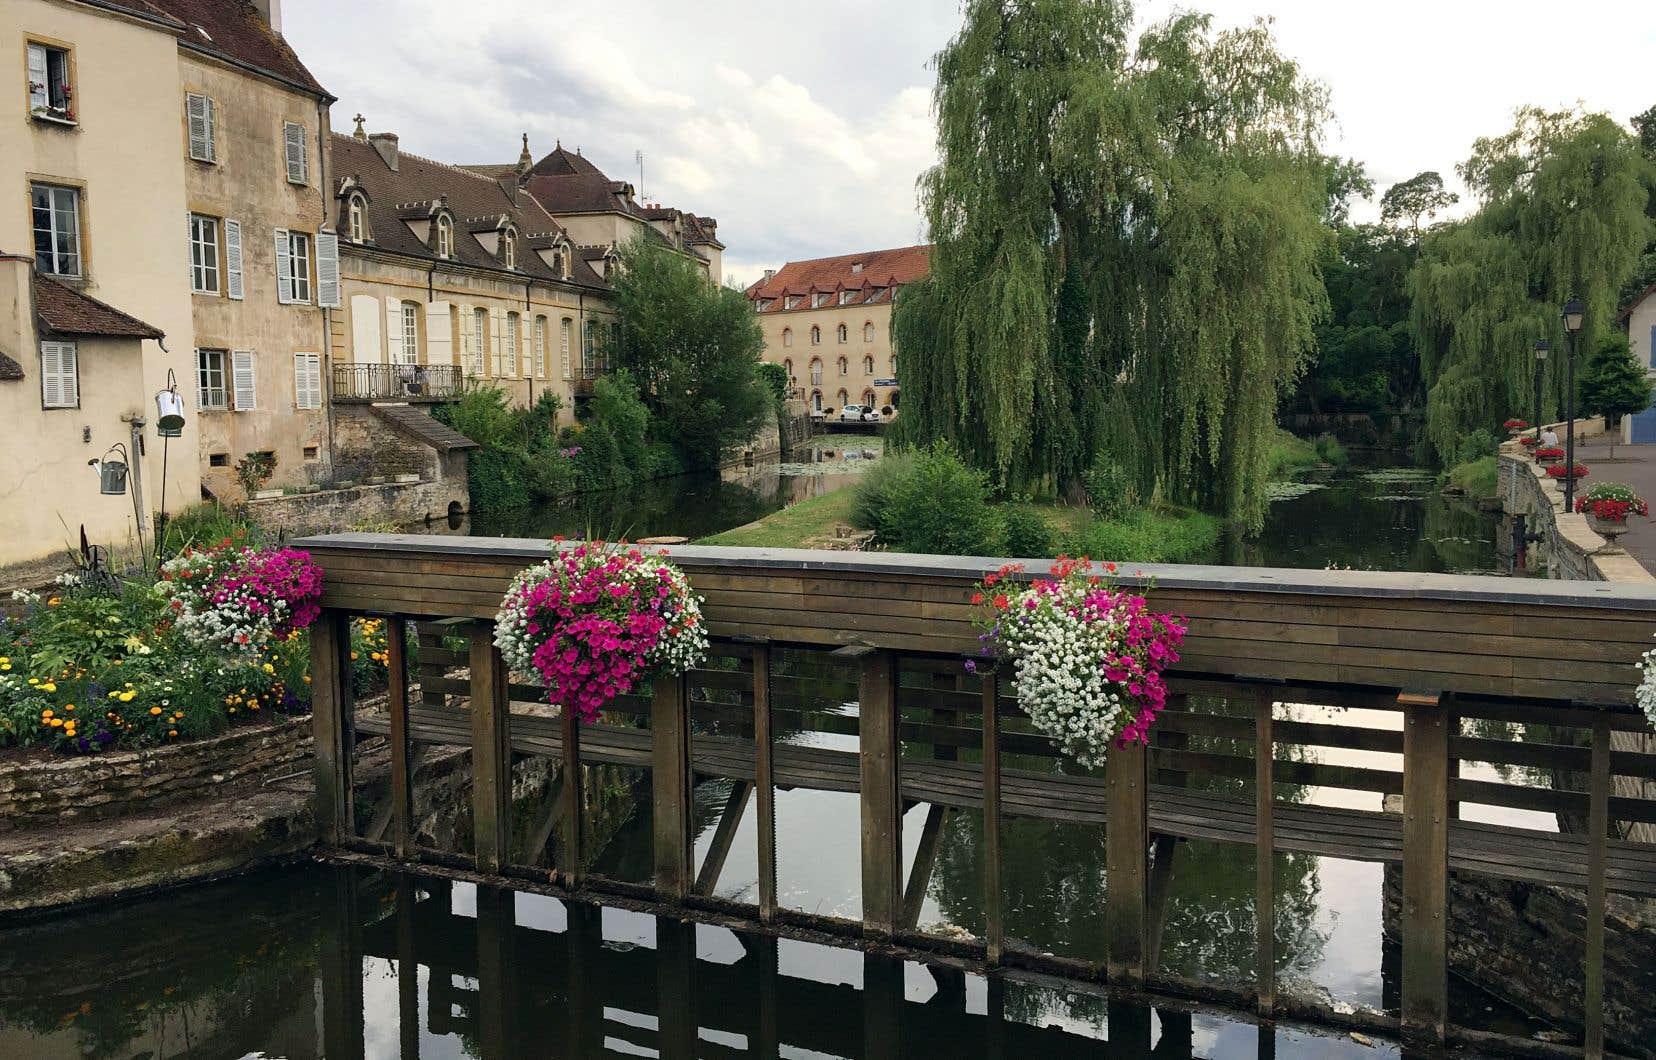 Charolles, ses canaux et ses ponts qui lui donnent un petit air de Bruges campagnarde.